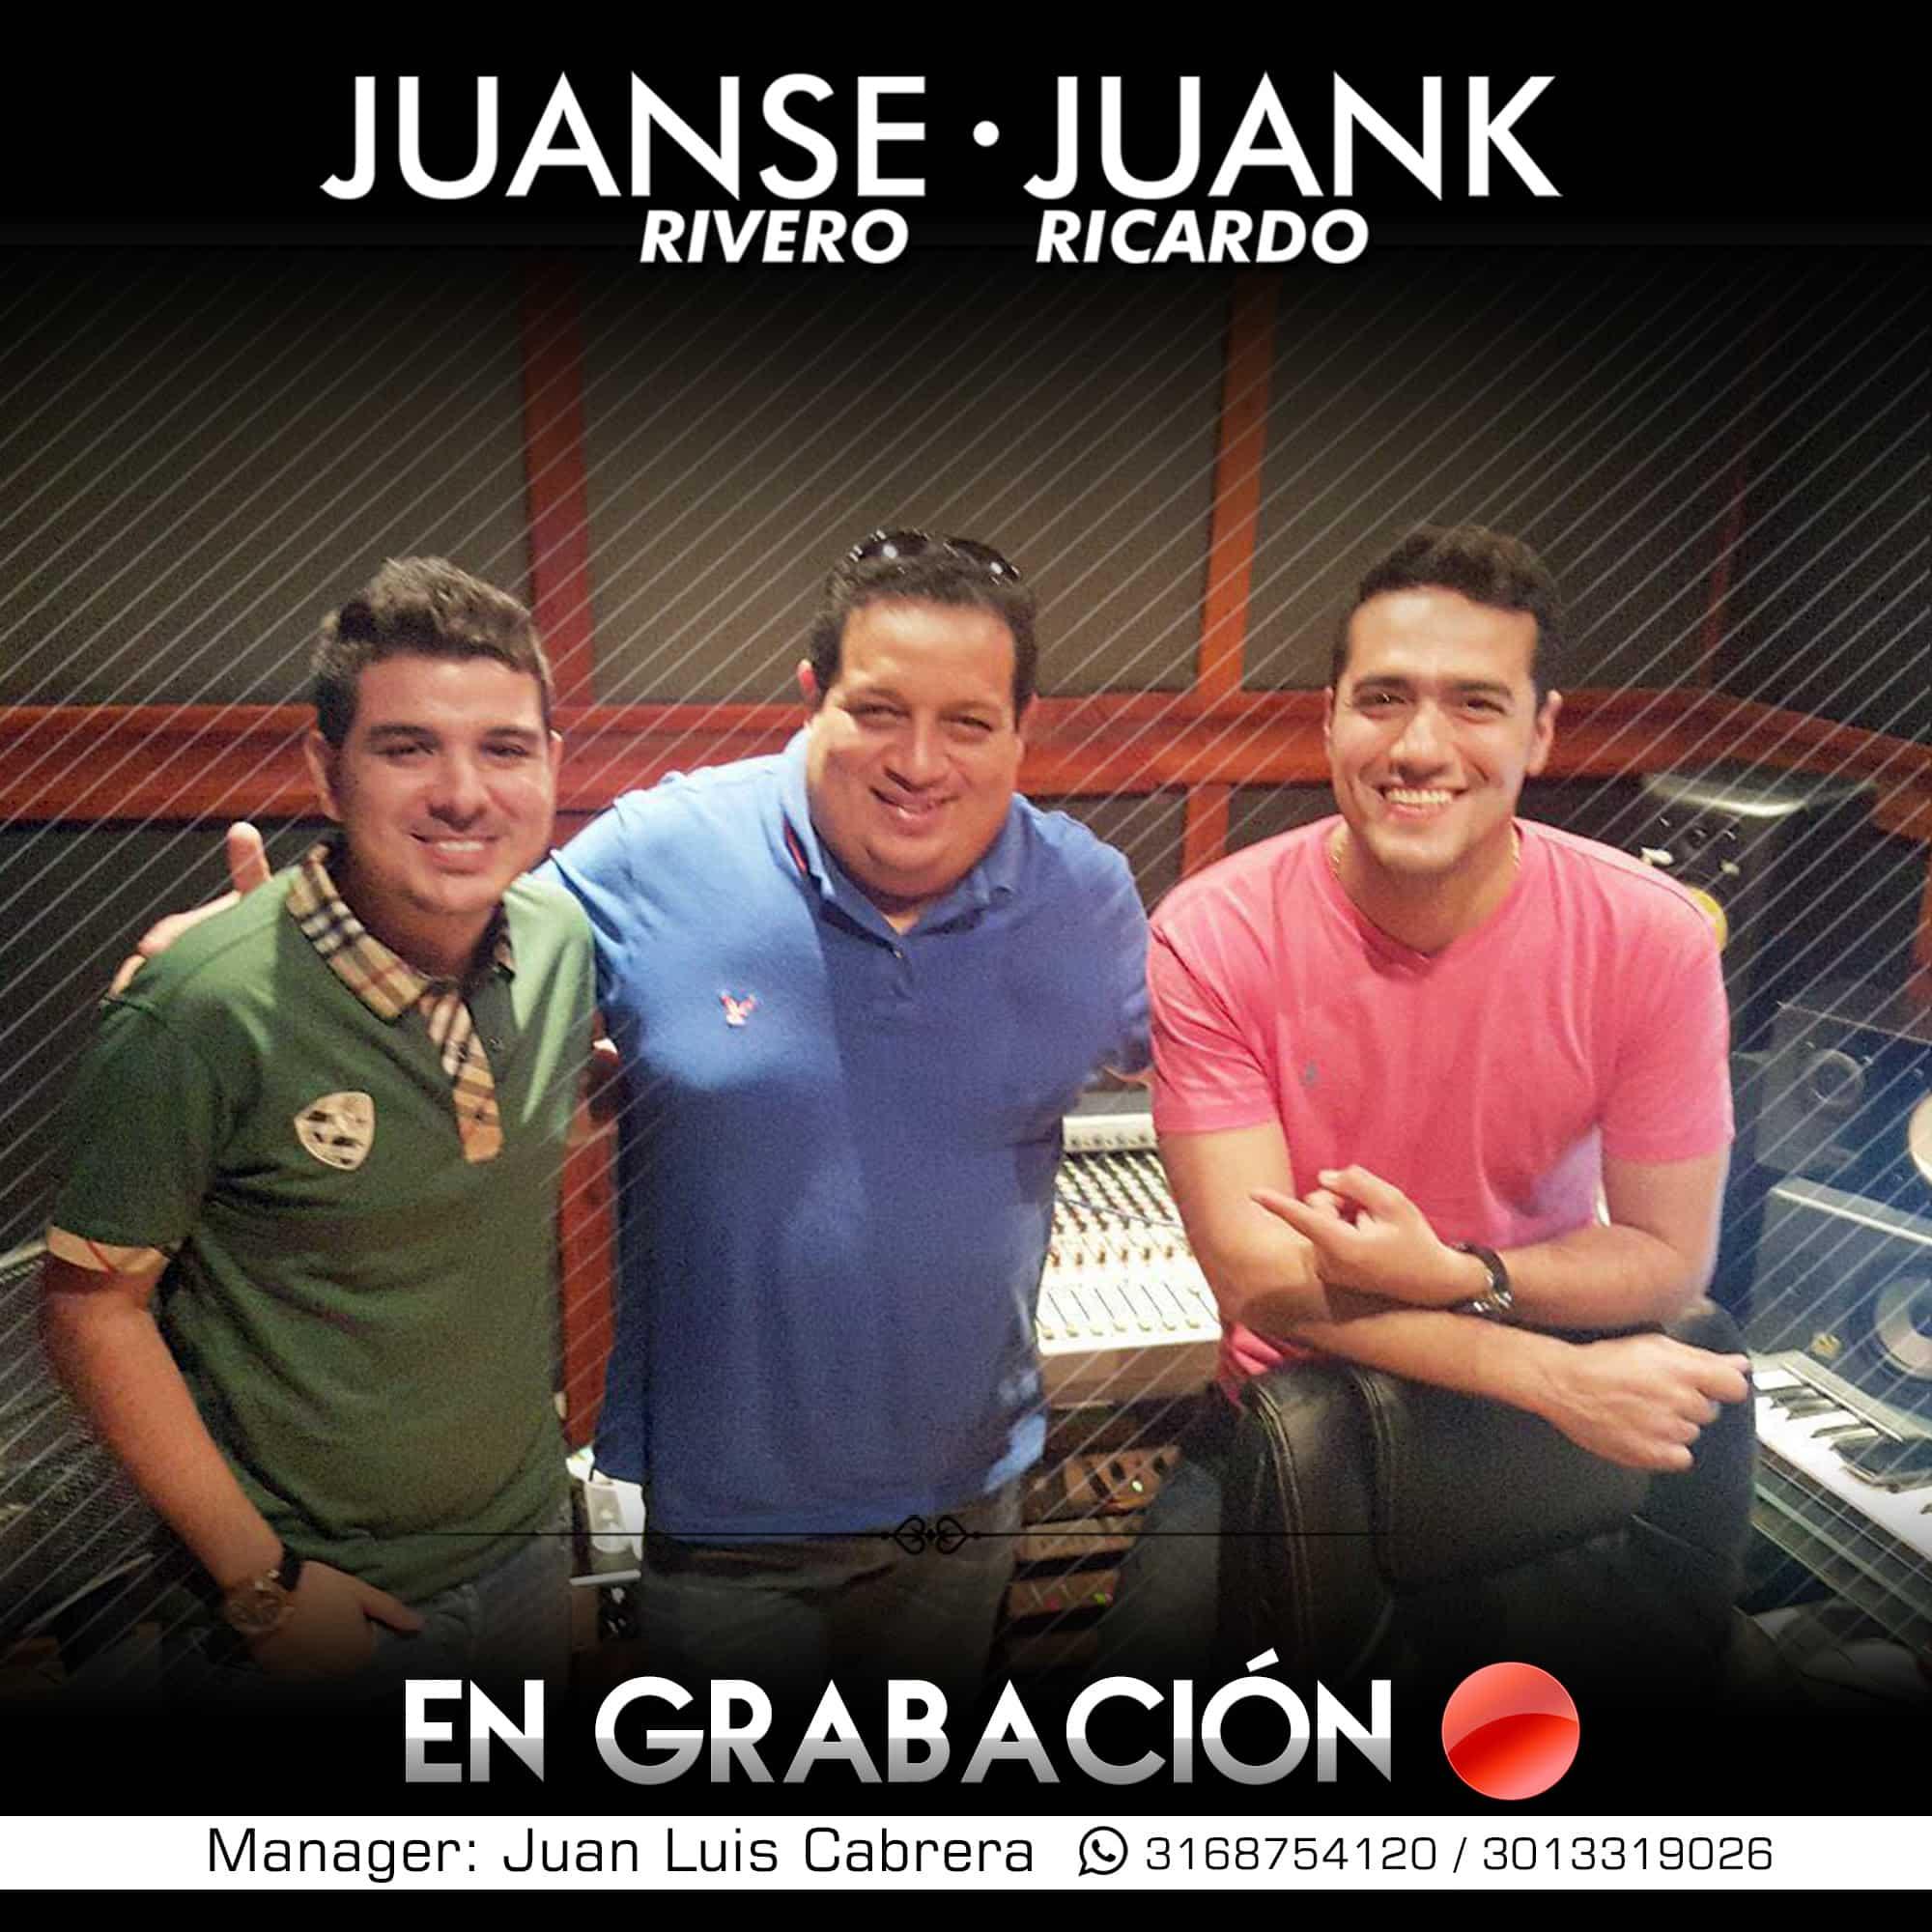 Juanse Rivero y Juank Ricardo graban su primer álbum en Barranquilla